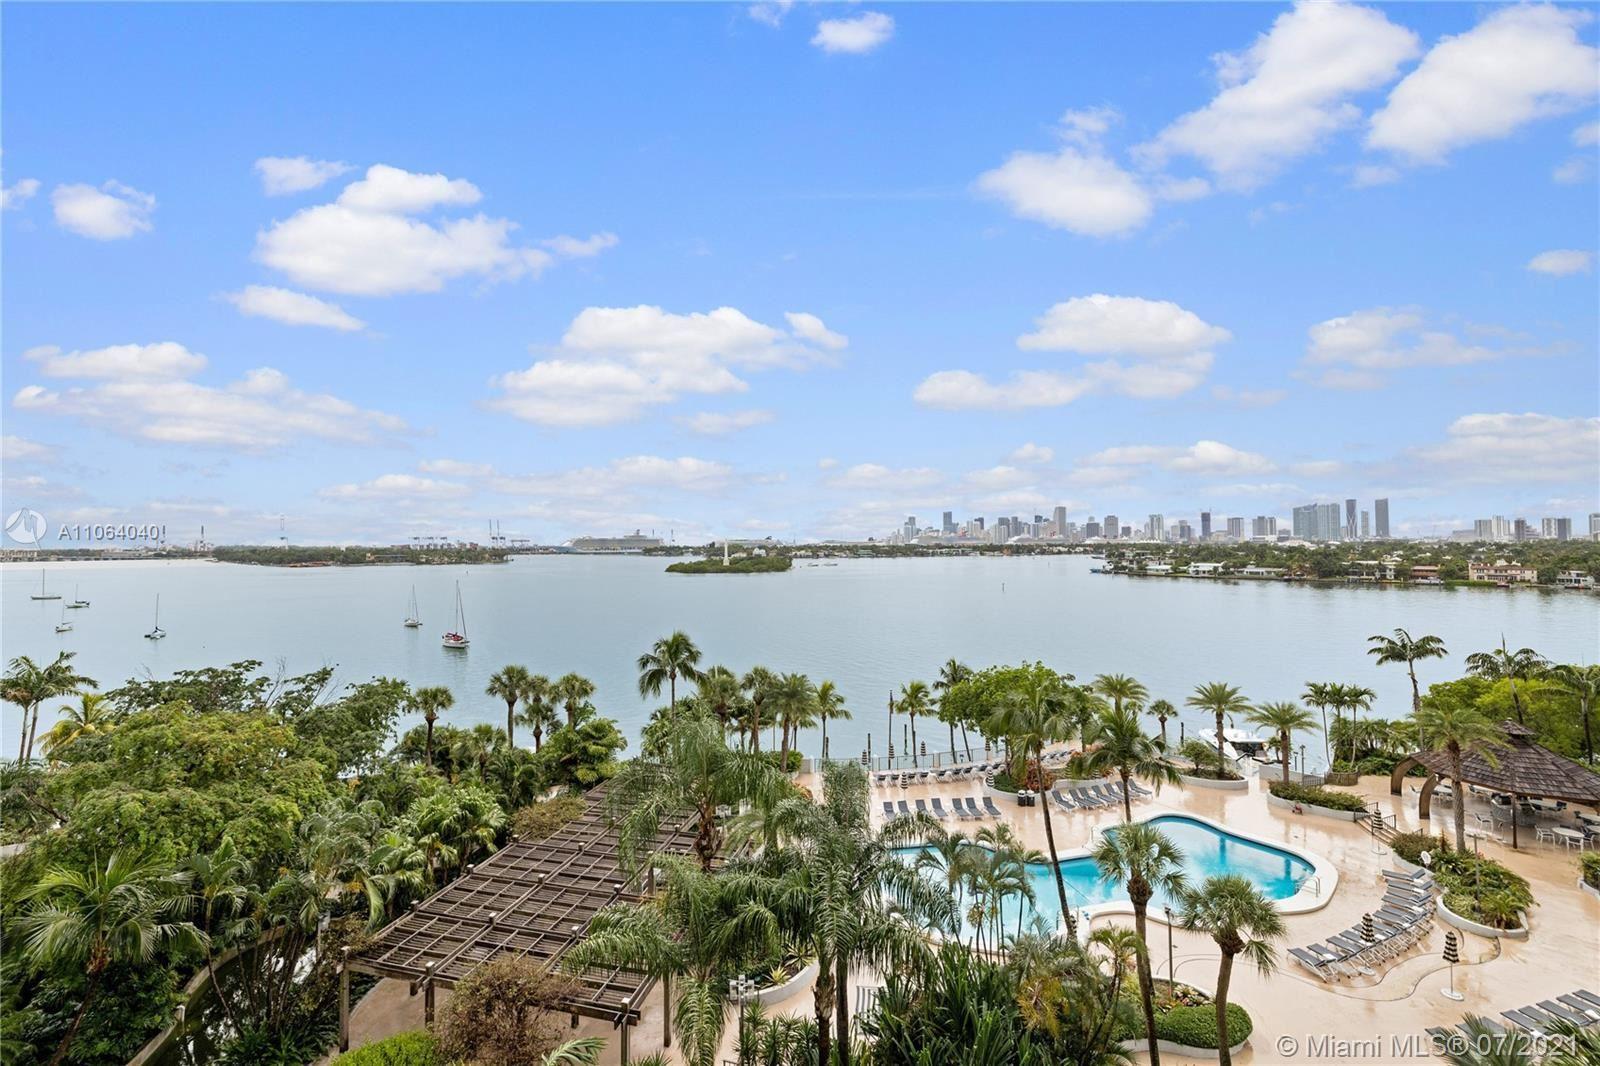 9 Island Ave #902, Miami Beach, FL 33139 - #: A11064040